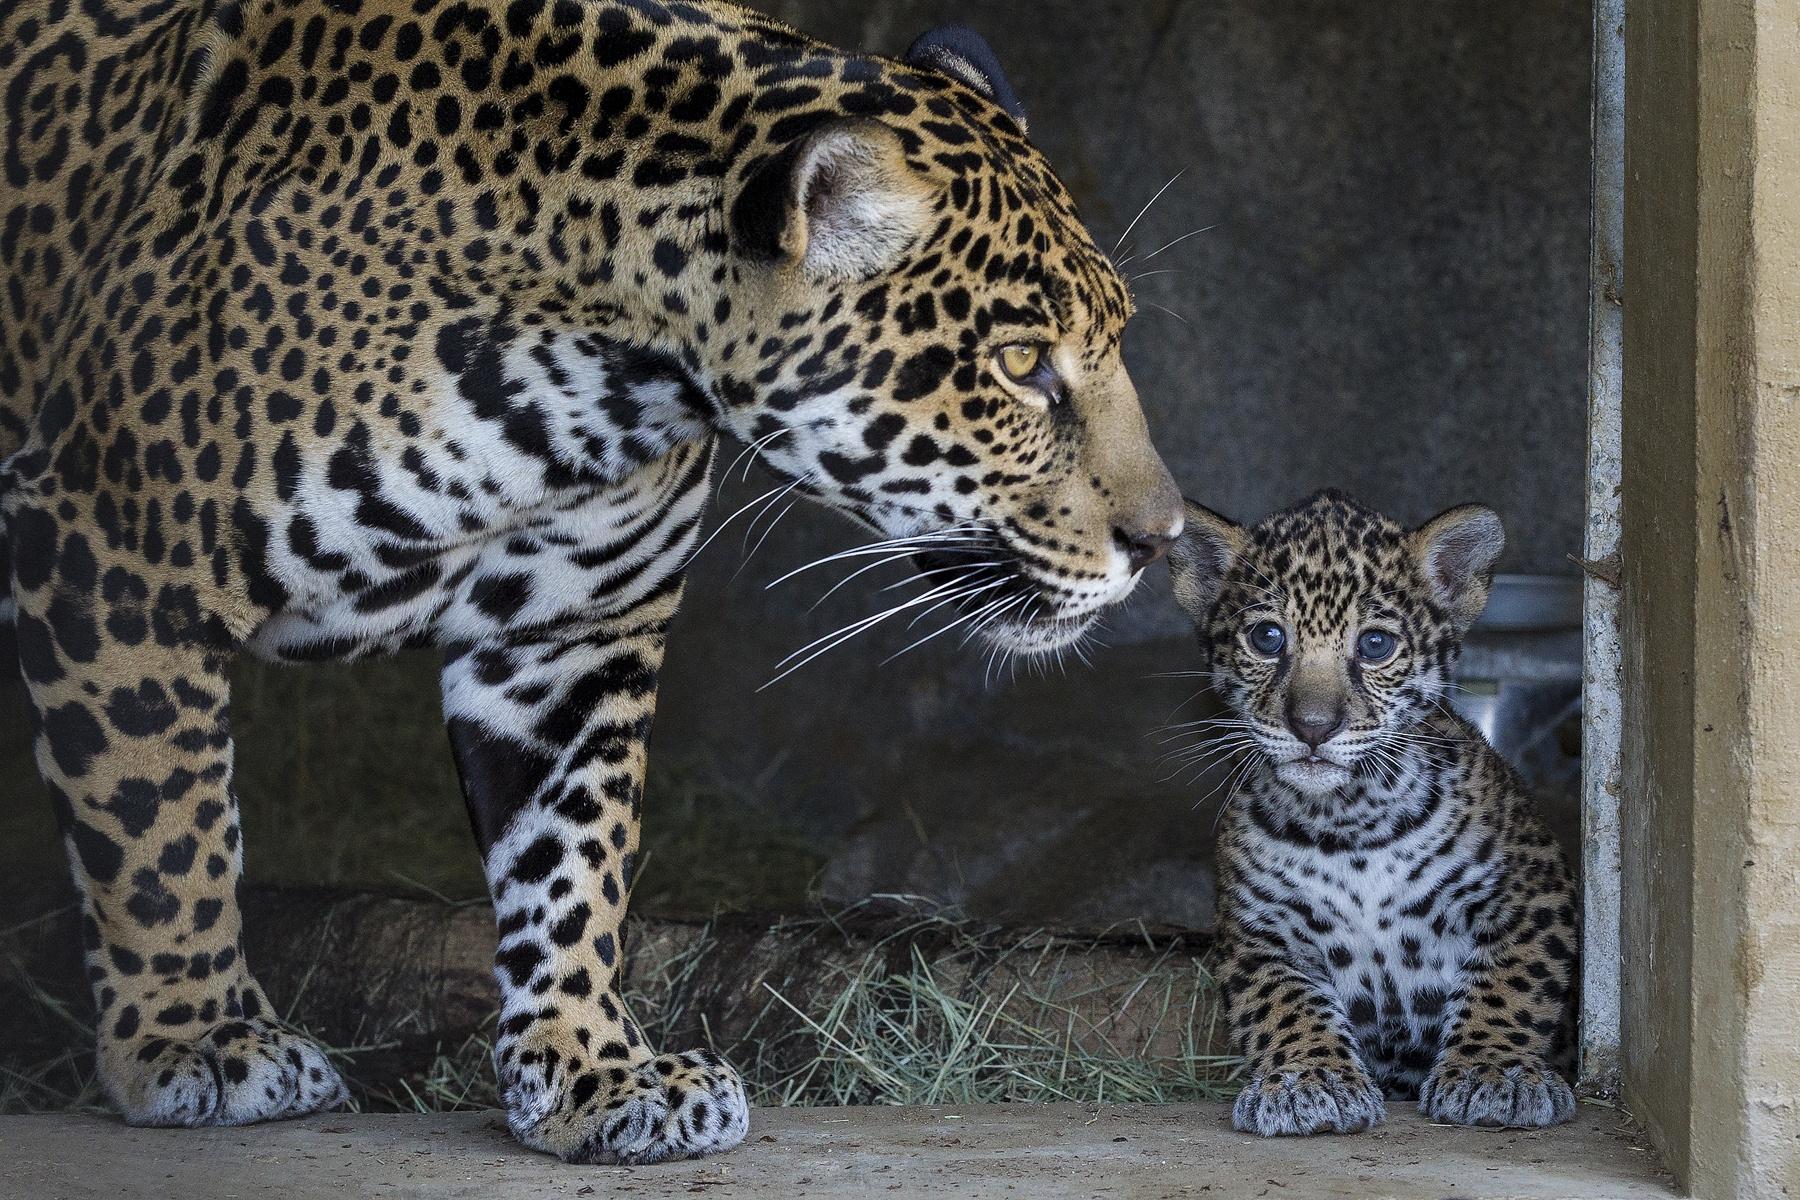 86221 Hintergrundbild 720x1280 kostenlos auf deinem Handy, lade Bilder Tiere, Jaguar, Junge, Pflege, Joey, Mutter 720x1280 auf dein Handy herunter